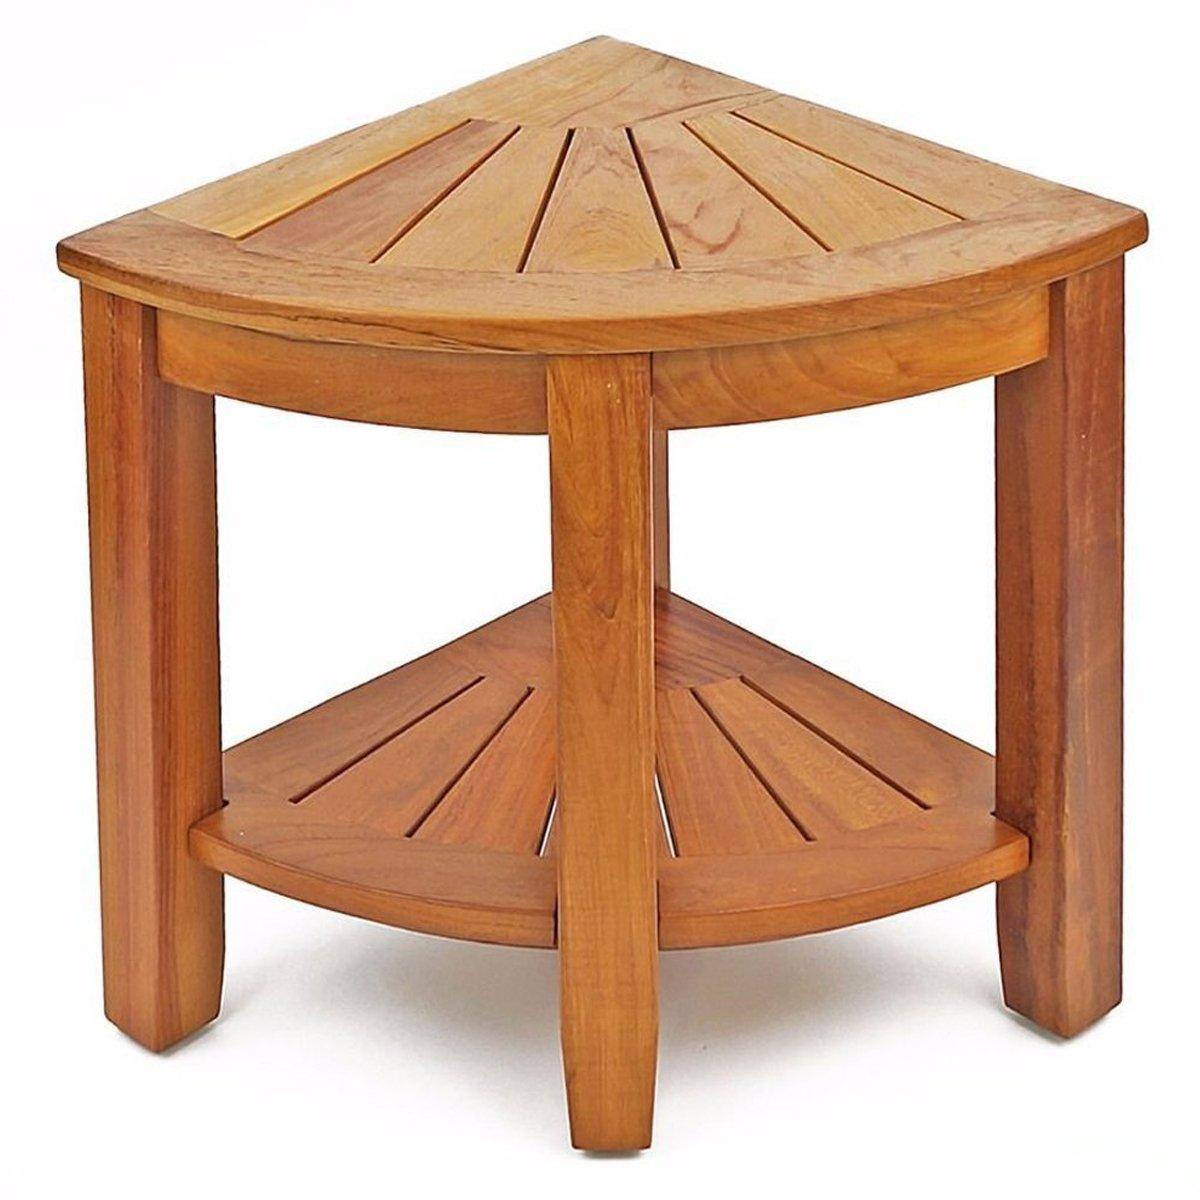 WELLAND 15.5'' 2-Tier Teak Wood Corner Shower Bench with Storage Shelf, Wooden Bath Stool Seat